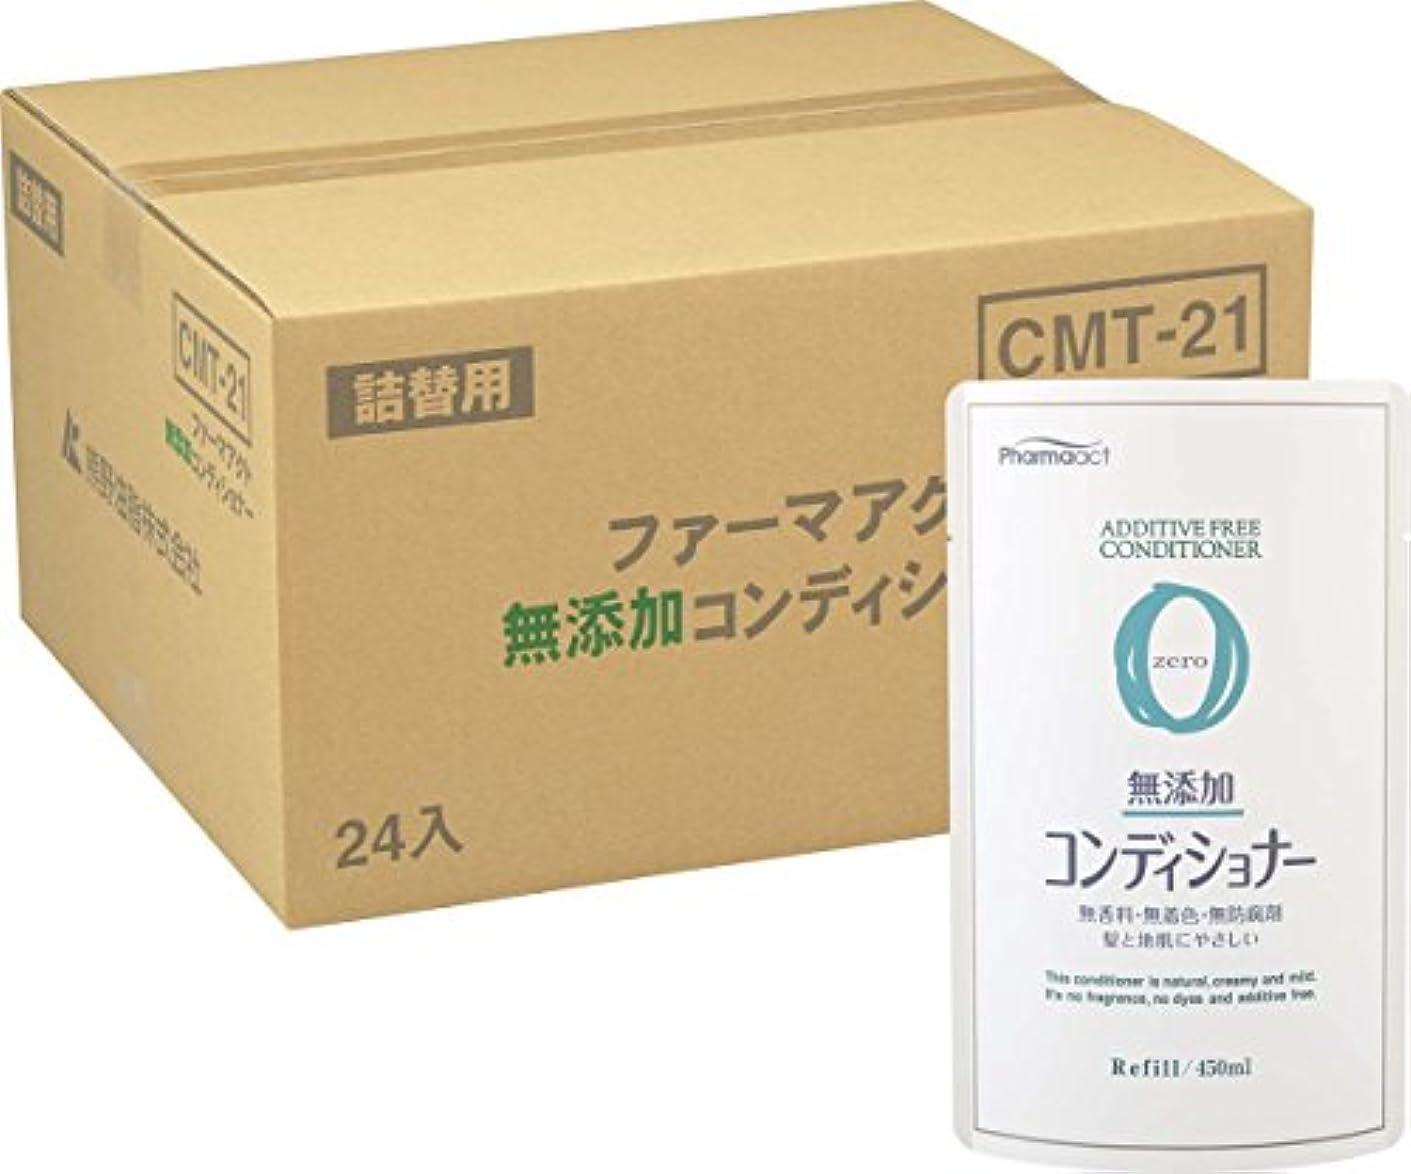 オーク基準仕える【ケース販売】ファーマアクト 無添加コンディショナー詰替用 450ml×24個入